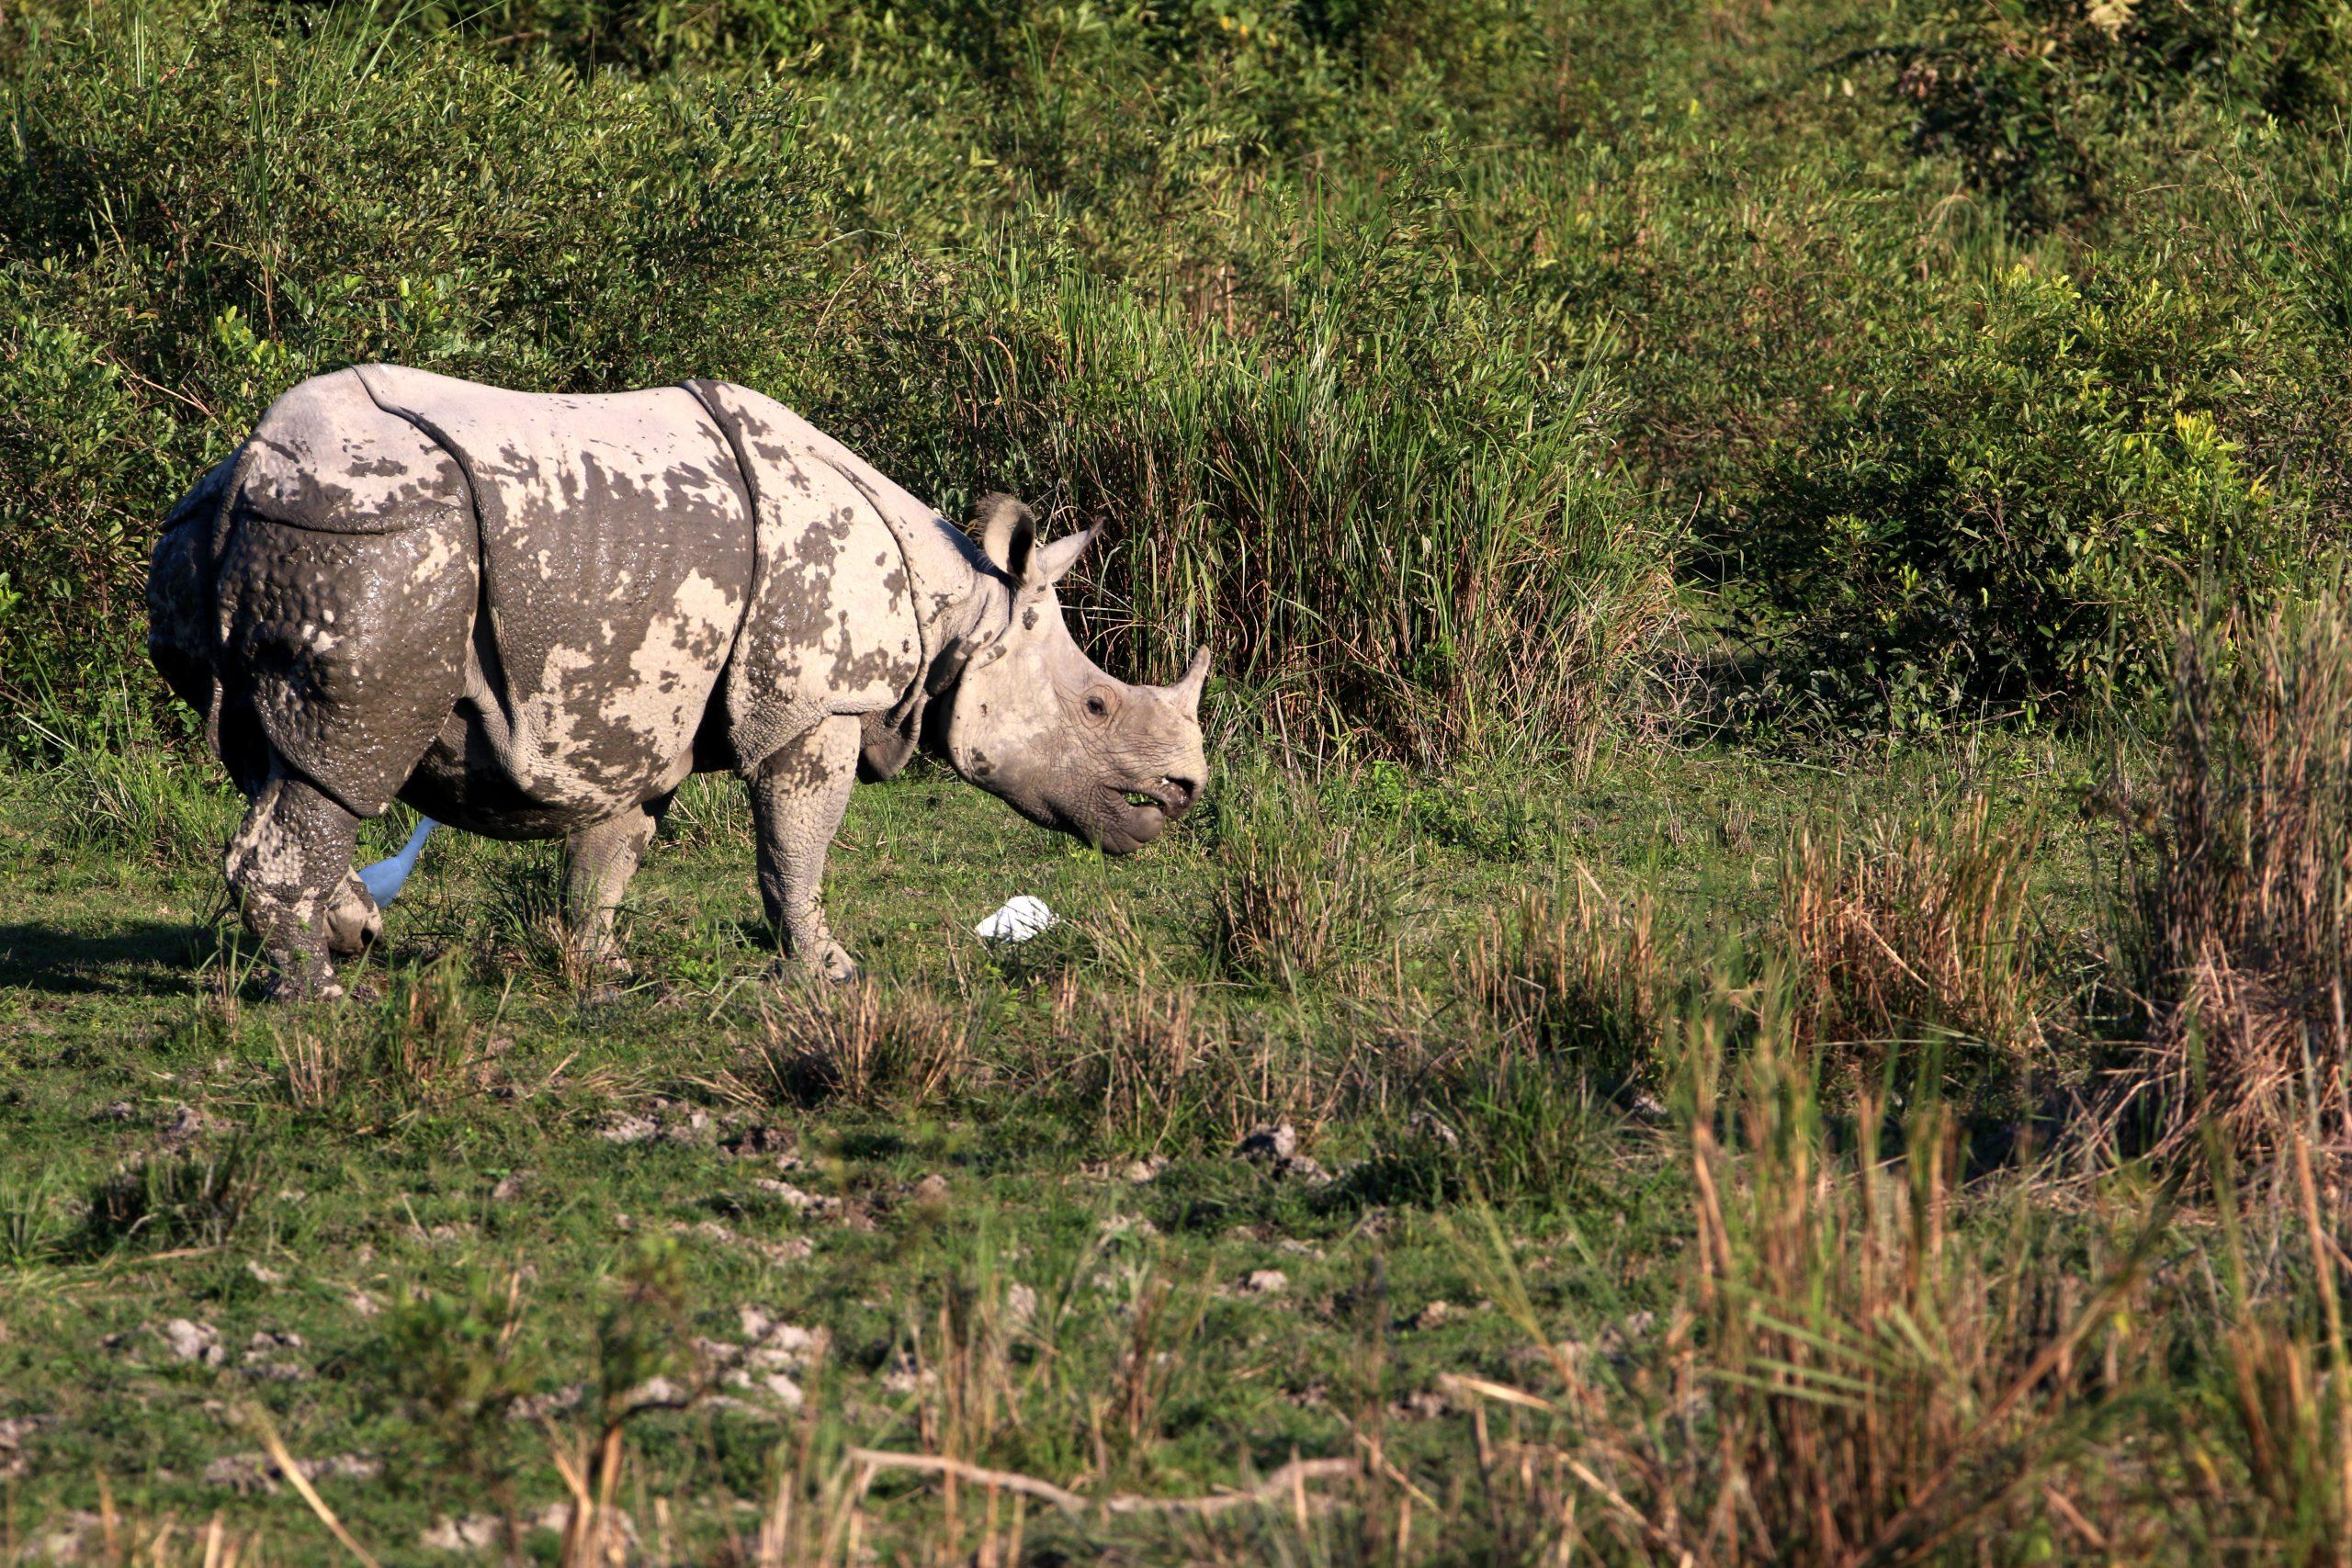 Rhino in the Wild